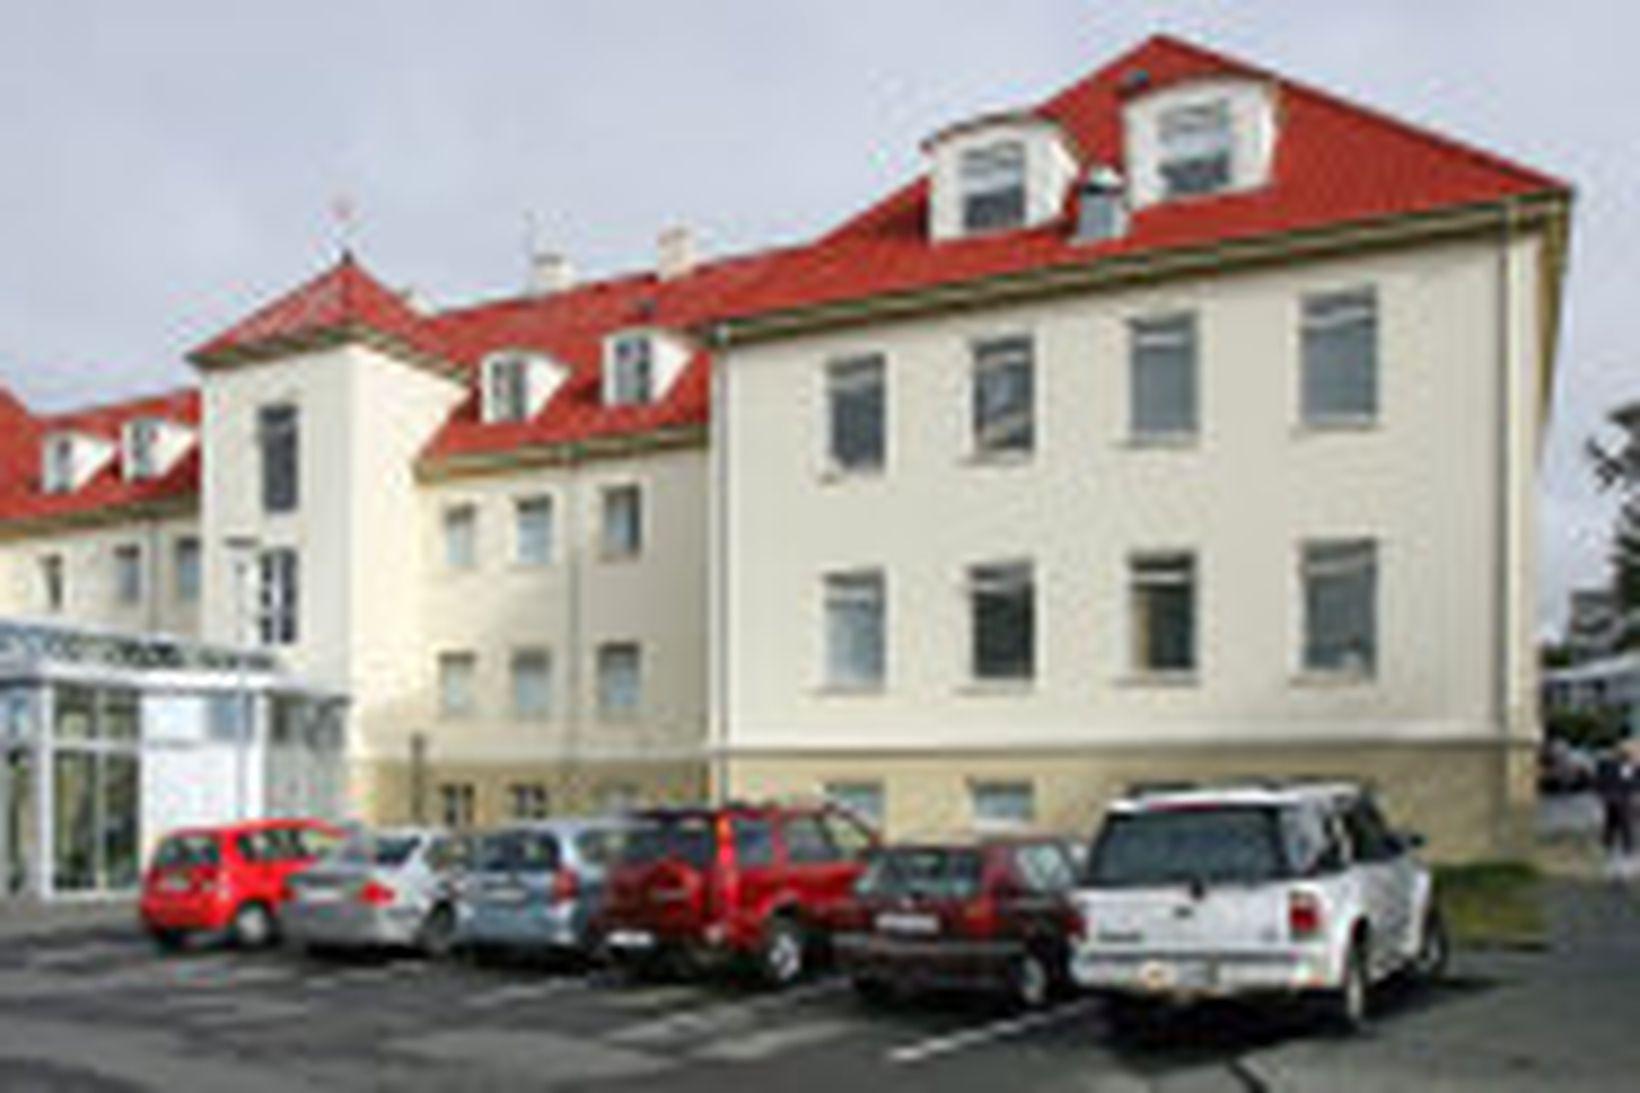 St. Jósefsspítali í Hafnarfirði.